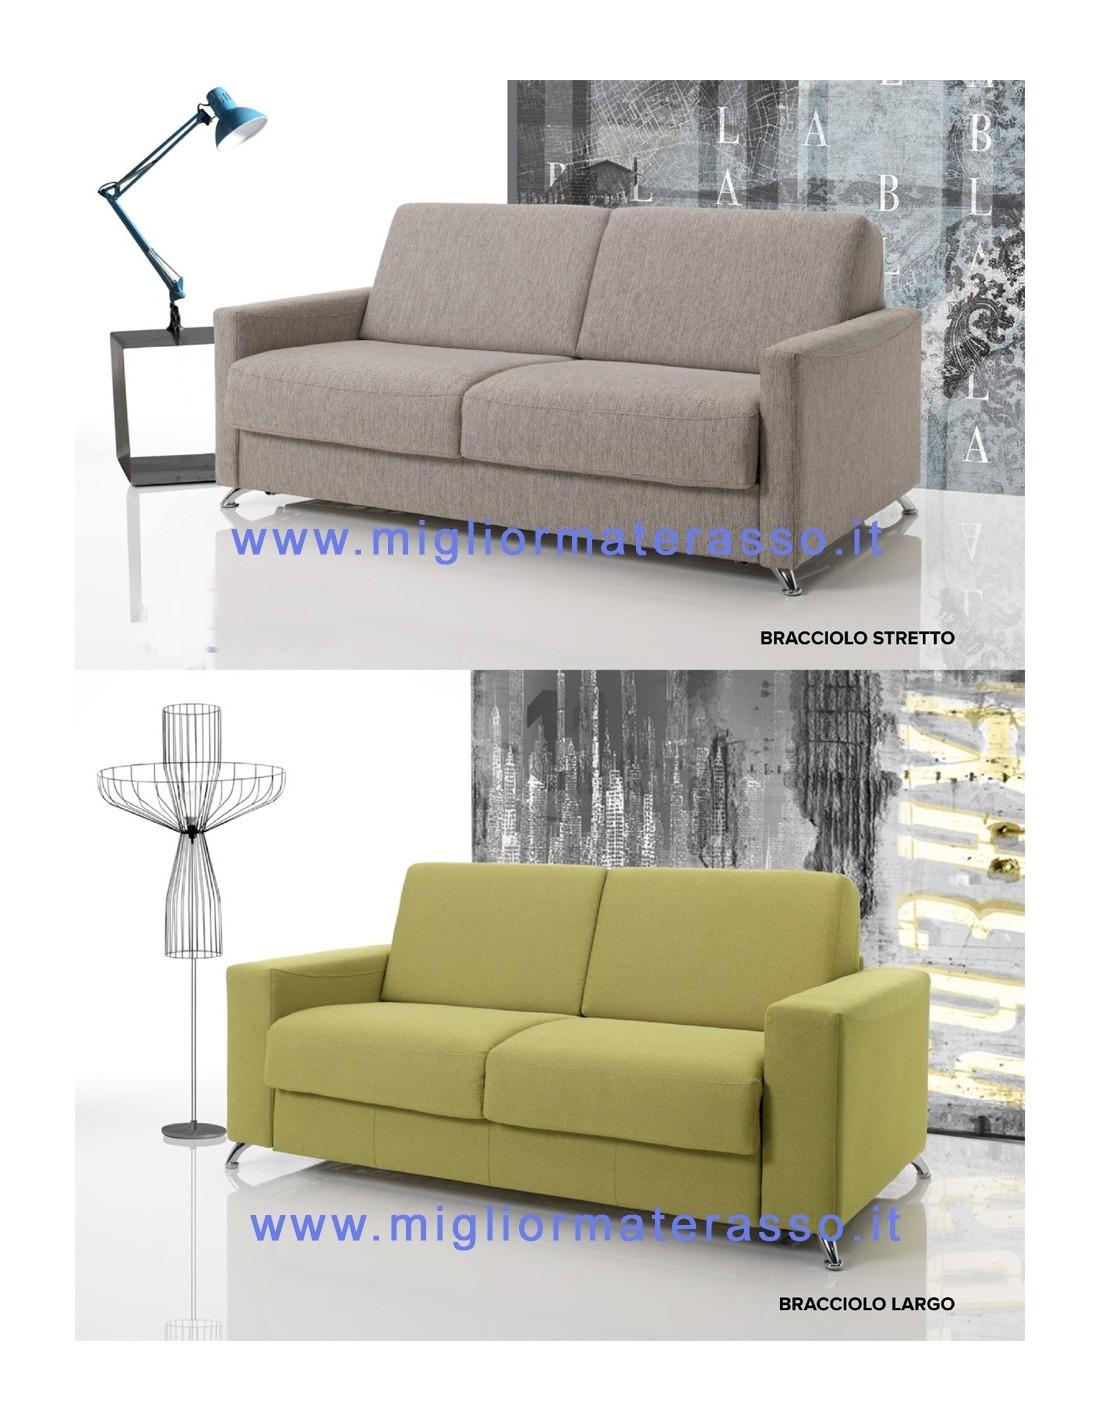 Ambrogio vitarelax bed and sofa - Cerco divano letto ...